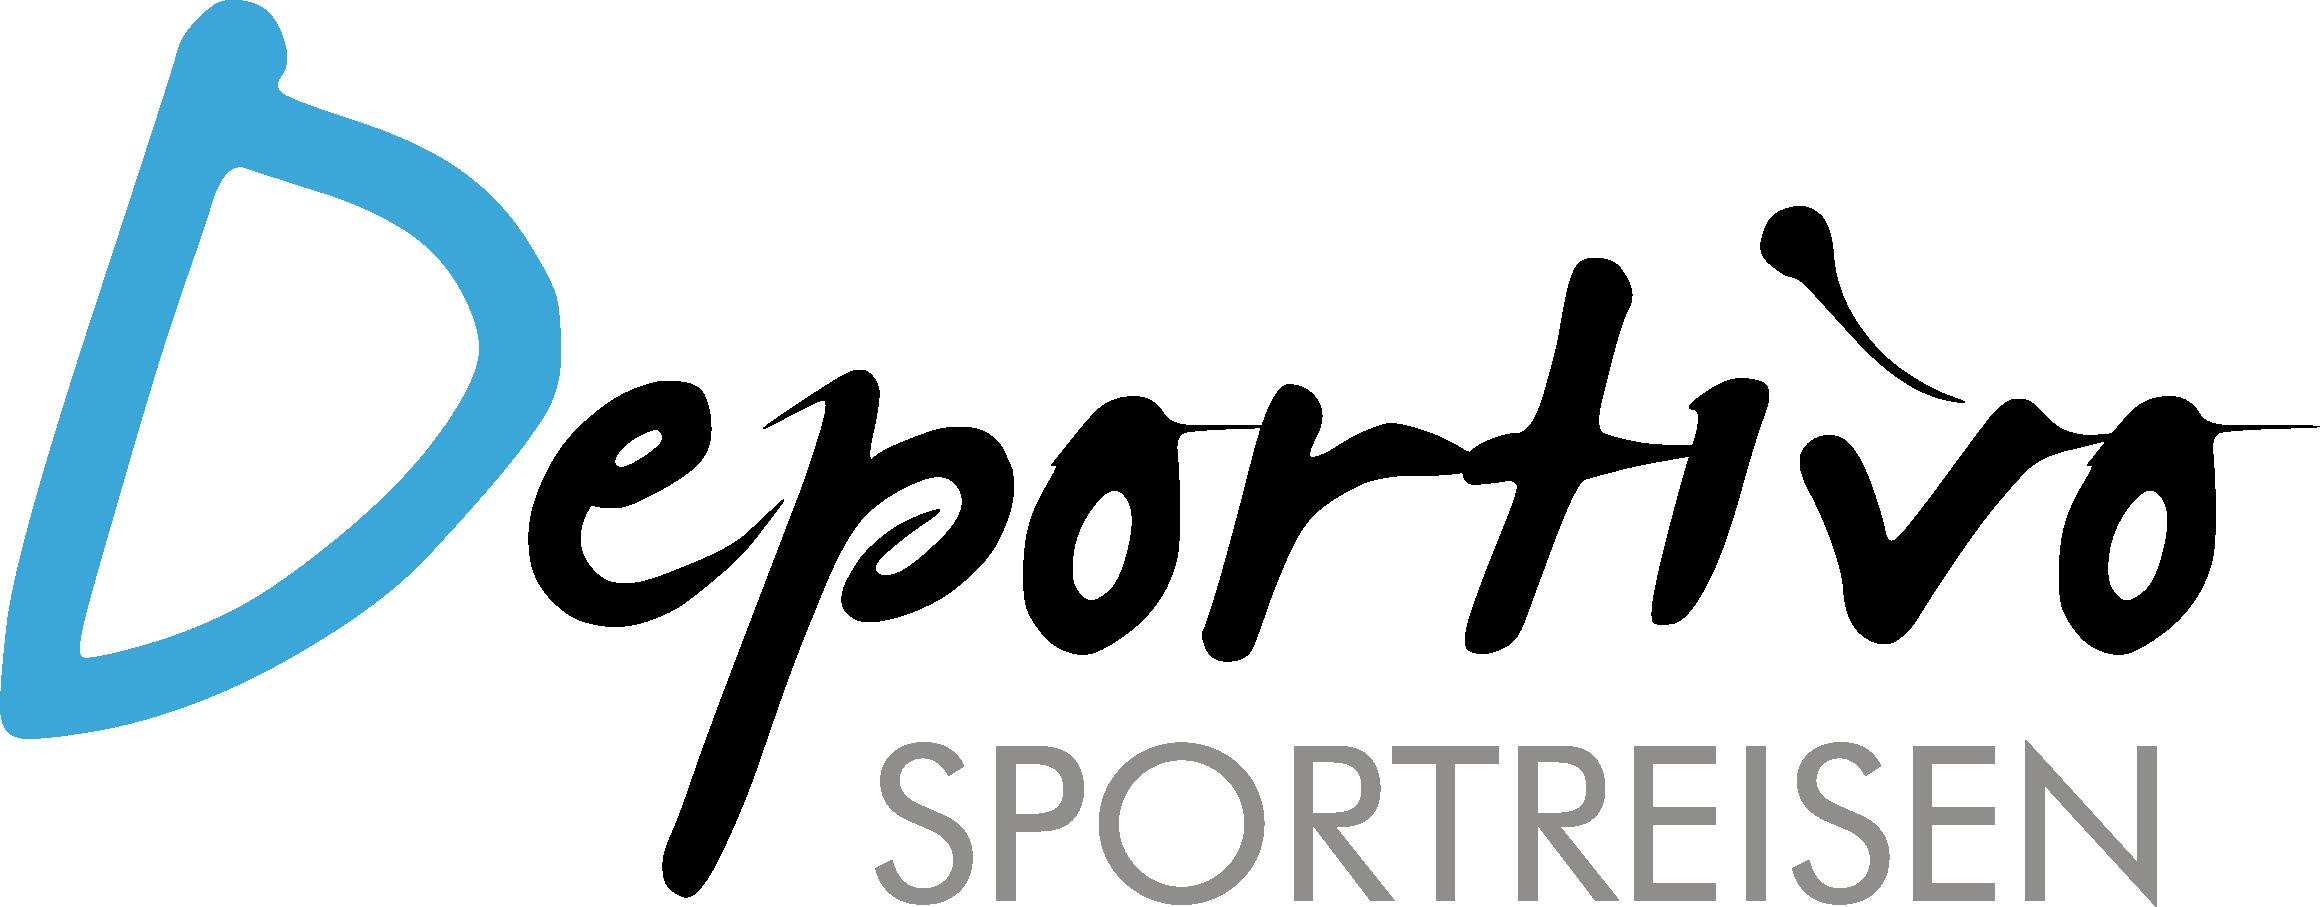 Deportivo Sportreisen